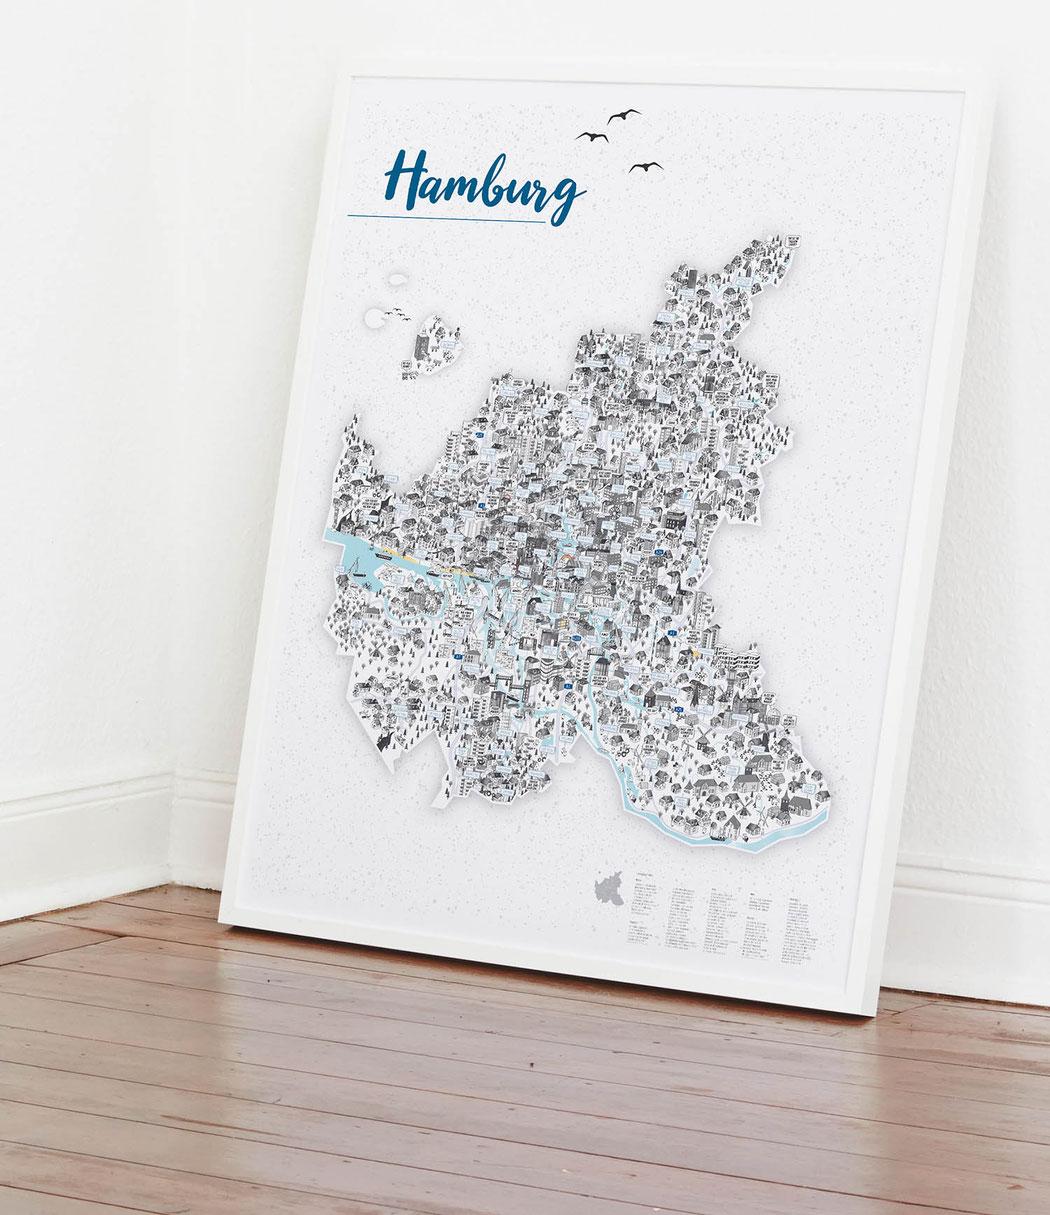 großes illustriertes Hamburg Poster